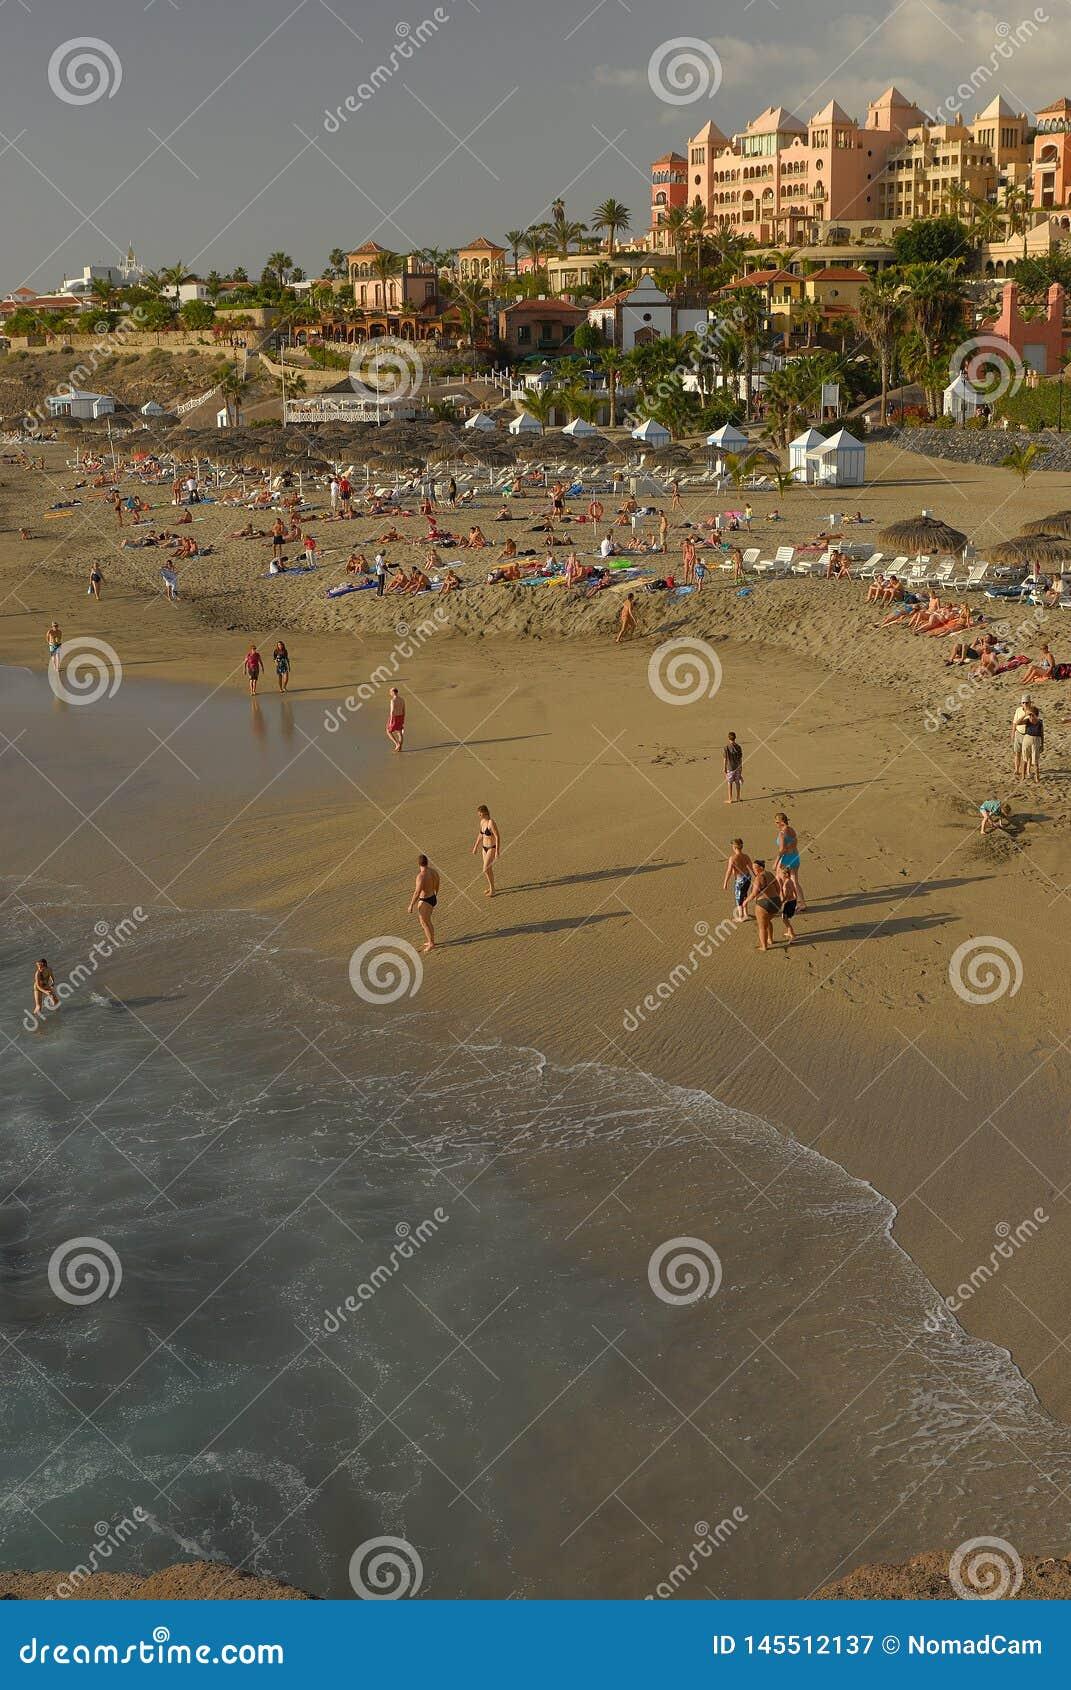 El Duque pla?a w Adeje wybrze?a wyspach kanaryjskich